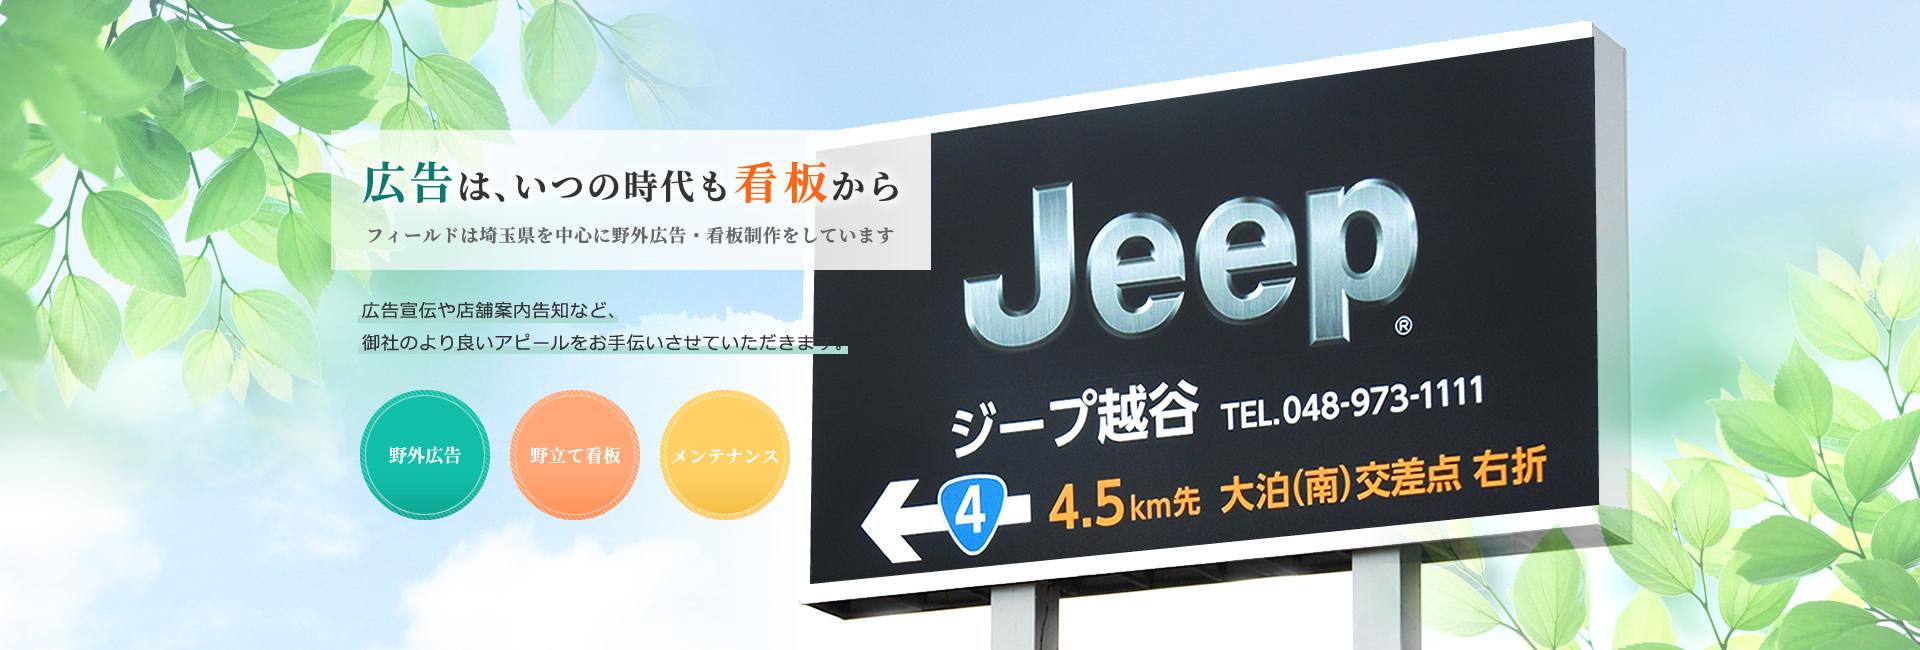 野立て看板・屋外広告は埼玉県の株式会社フィールド | さいたま市